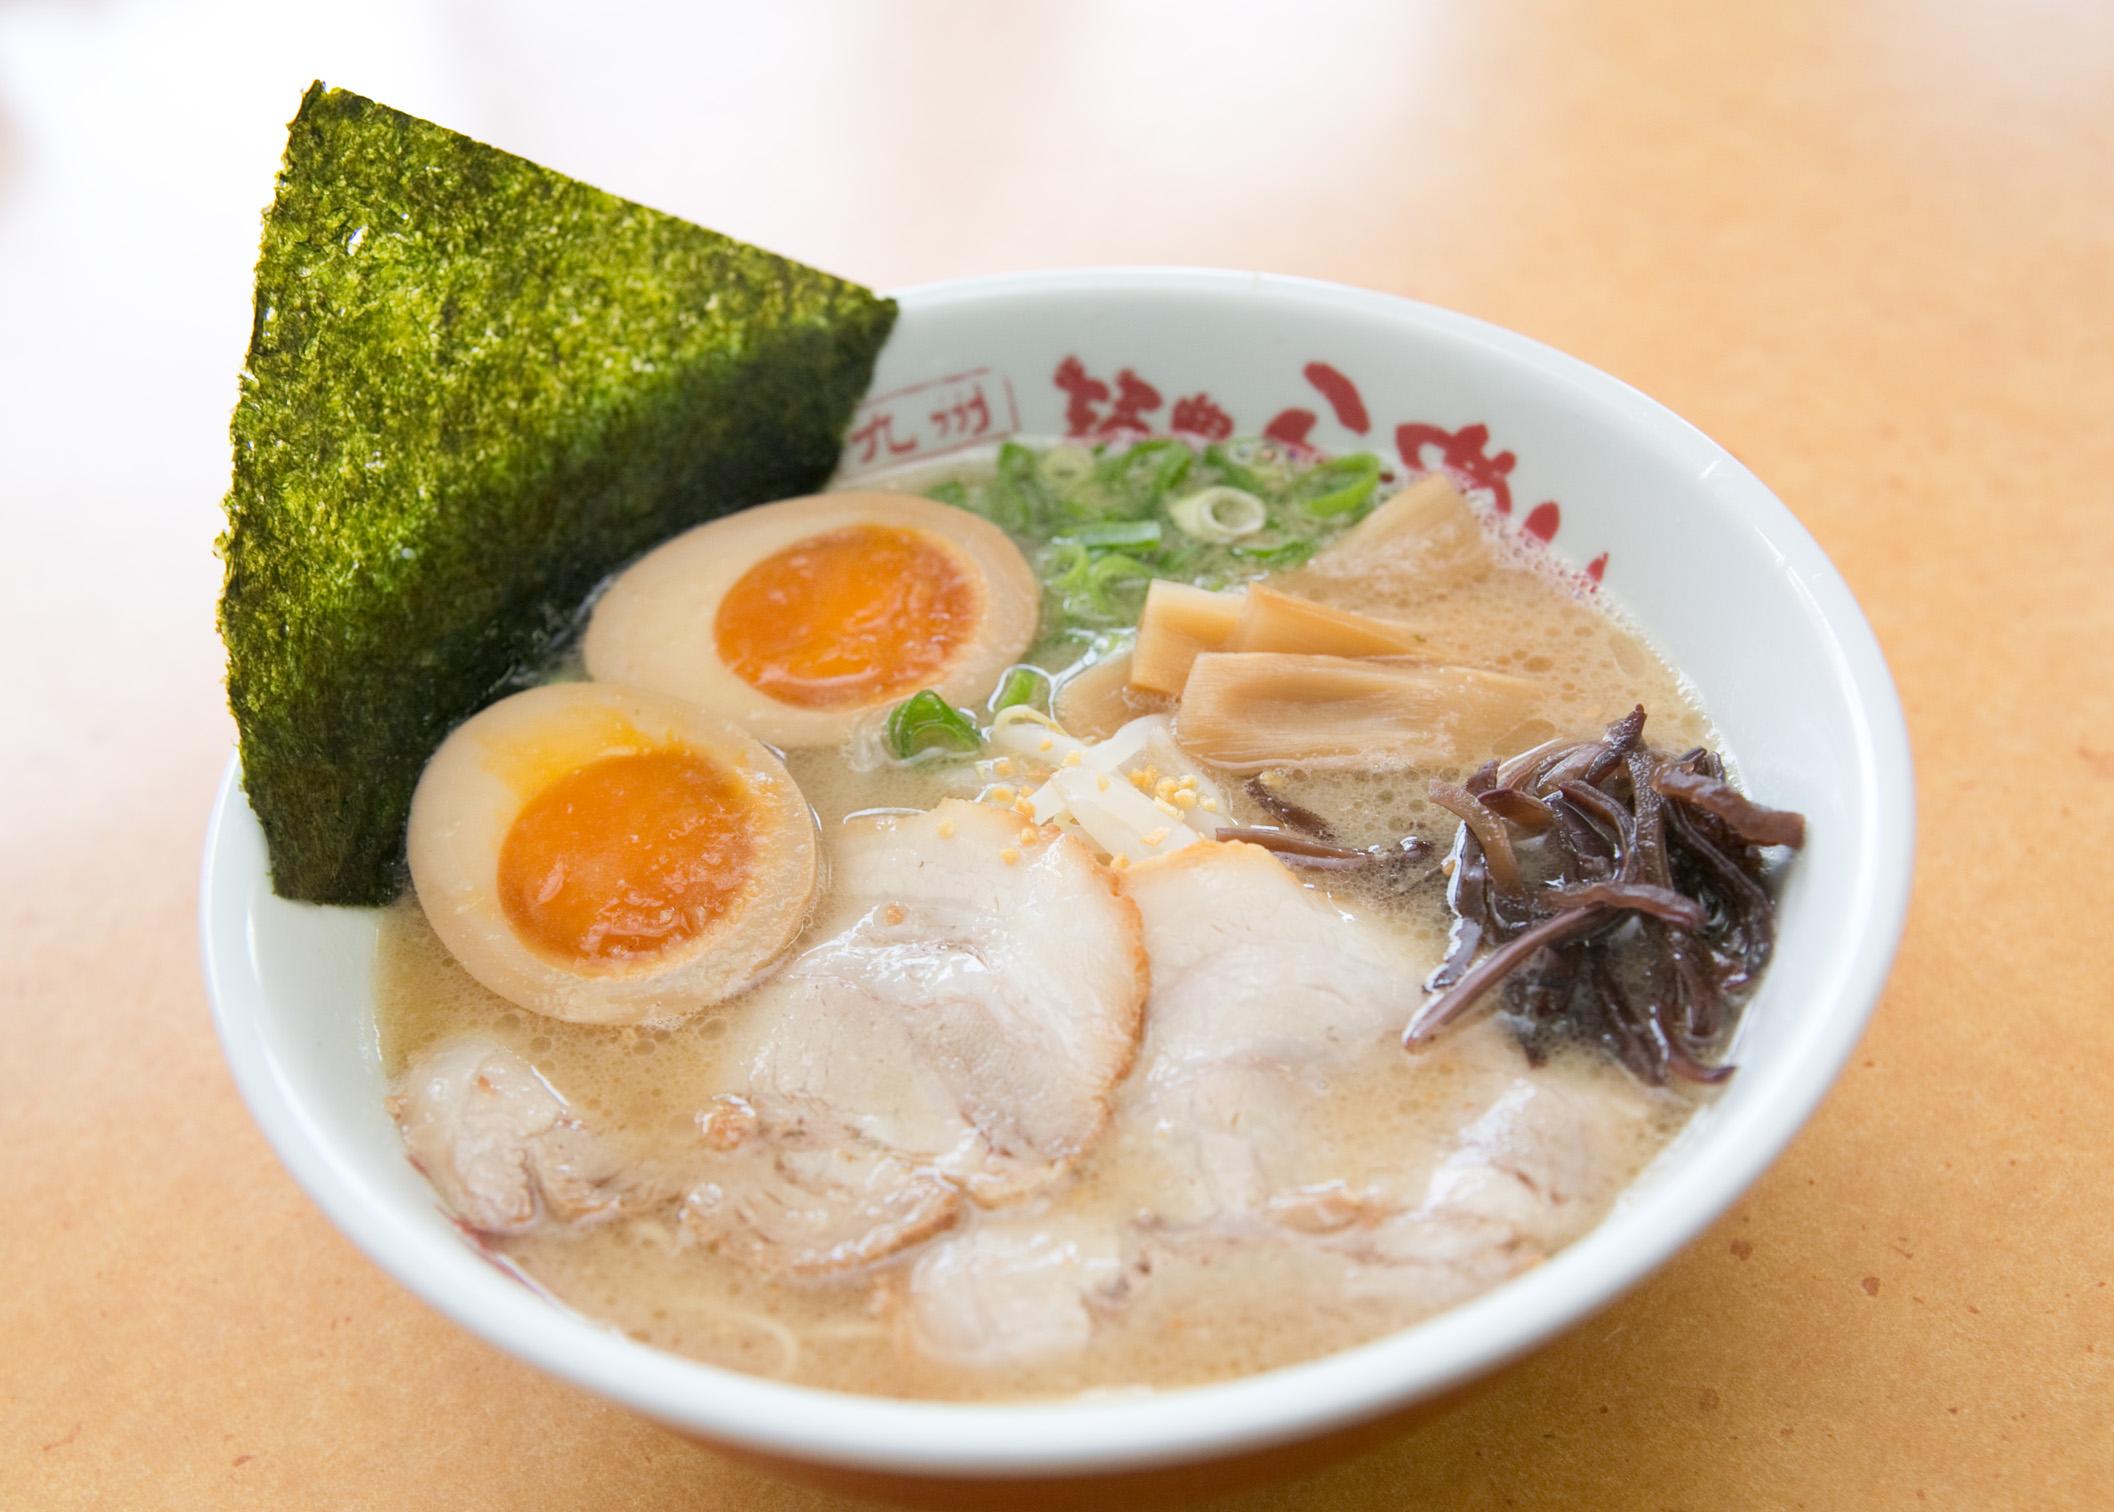 どこか懐かしい昭和時代の復刻版ラーメン。誰にも真似が出来ないこだわりスープ。やわらかく旨味を閉じ込めたチャーシューは、スープに合わせると相乗効果で更に旨みが広がります。